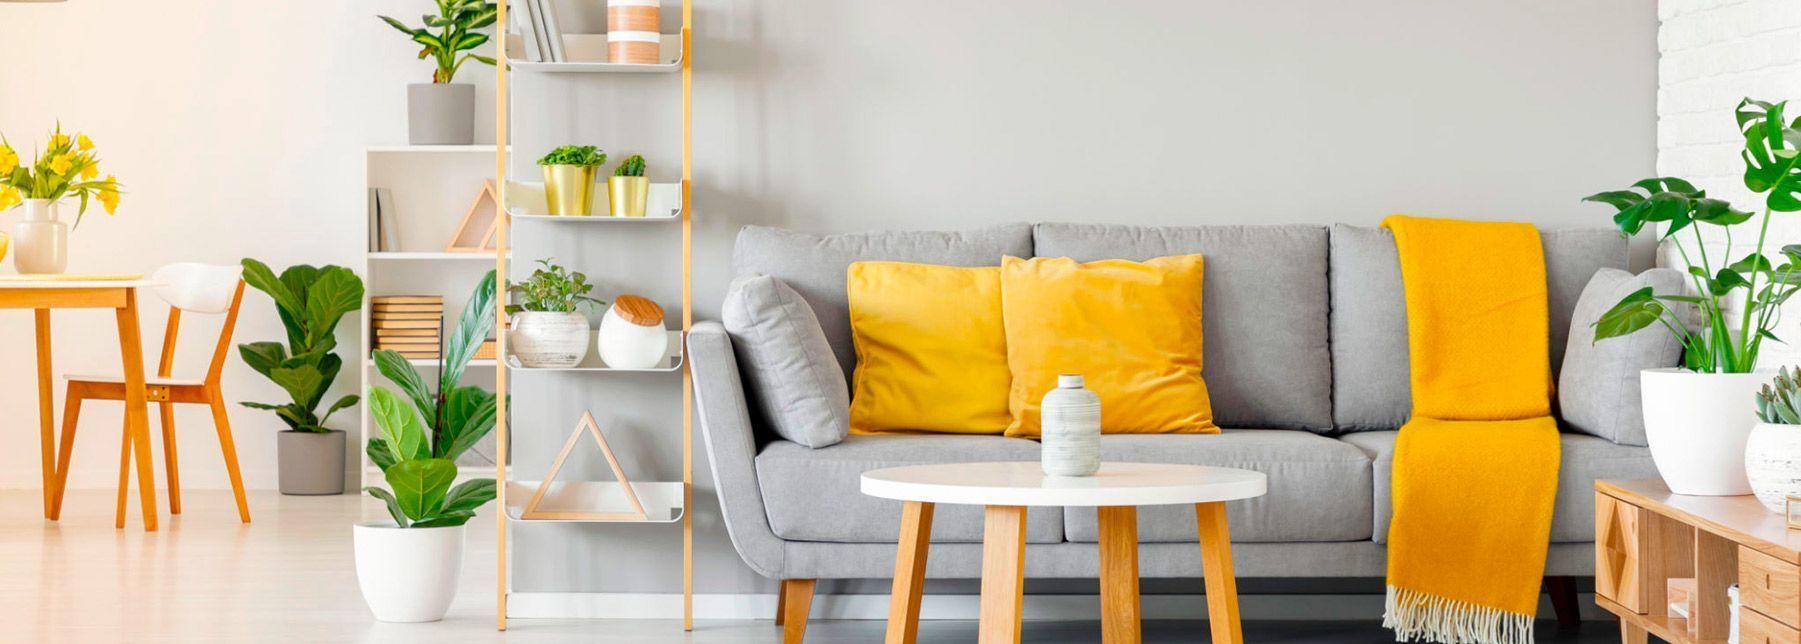 Aprenda a decorar sua casa gastando pouco!